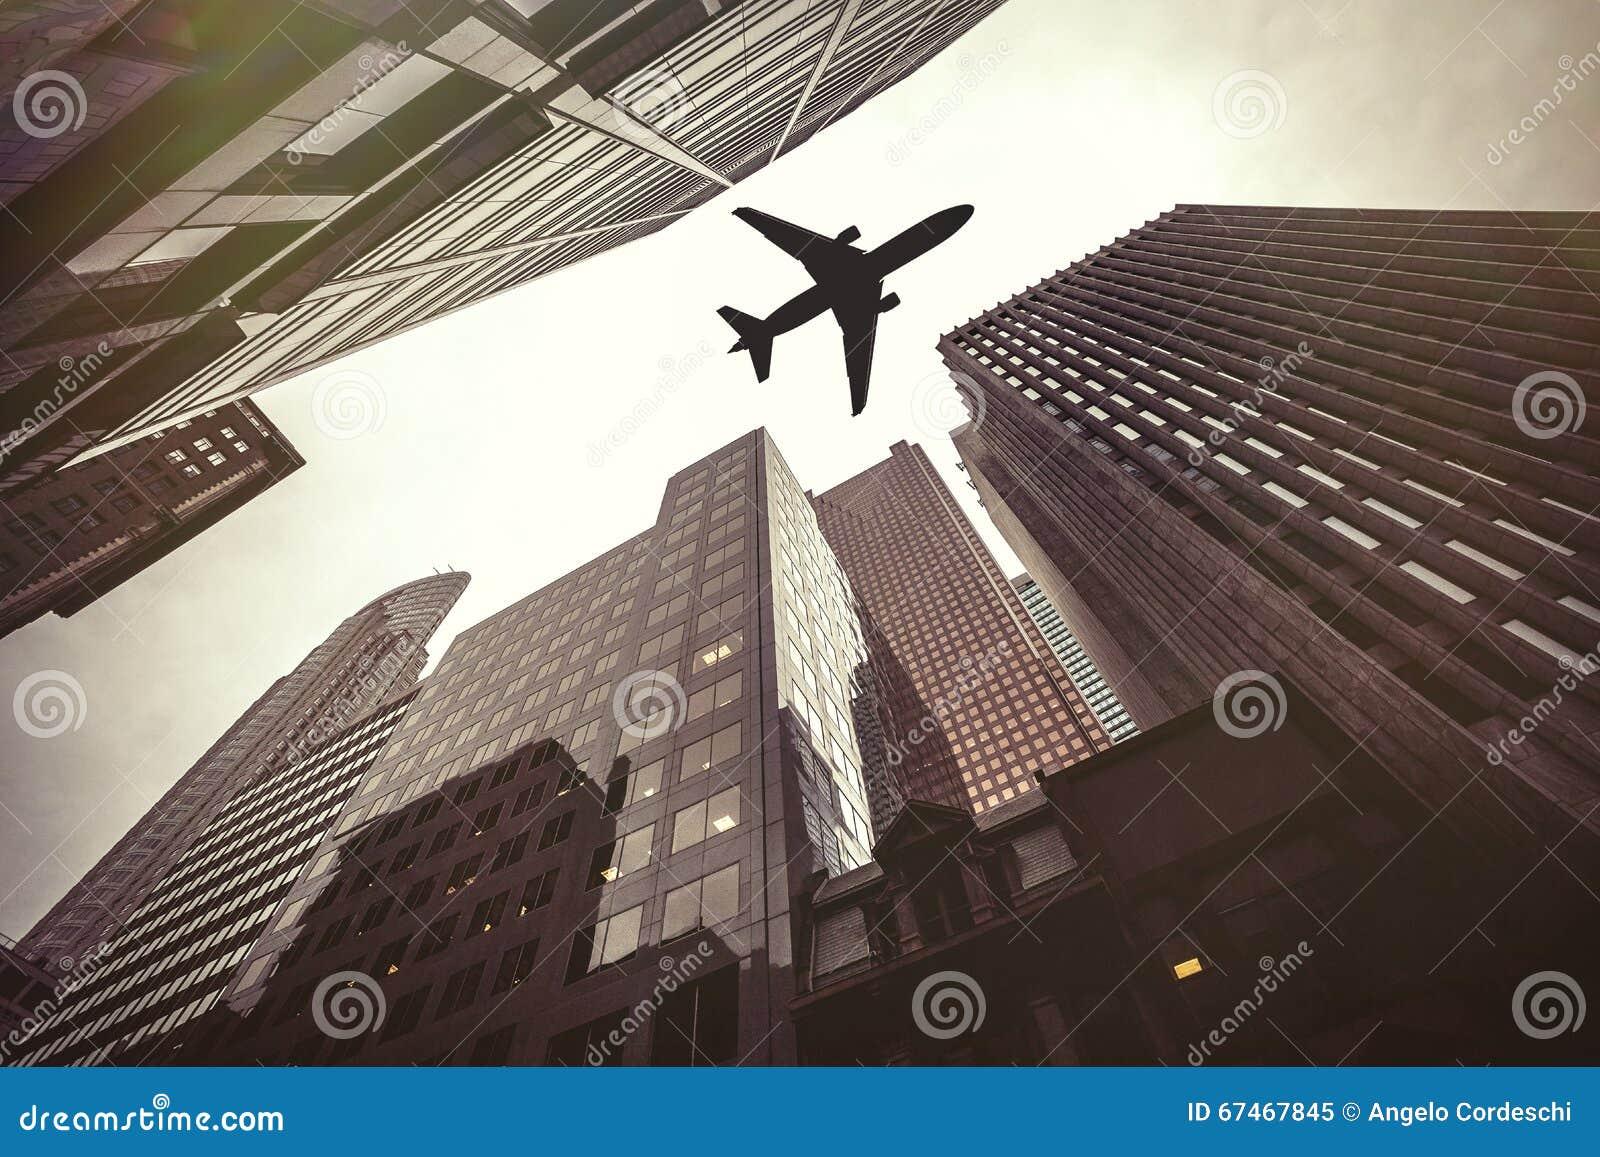 摩天大楼和飞机 航空安全